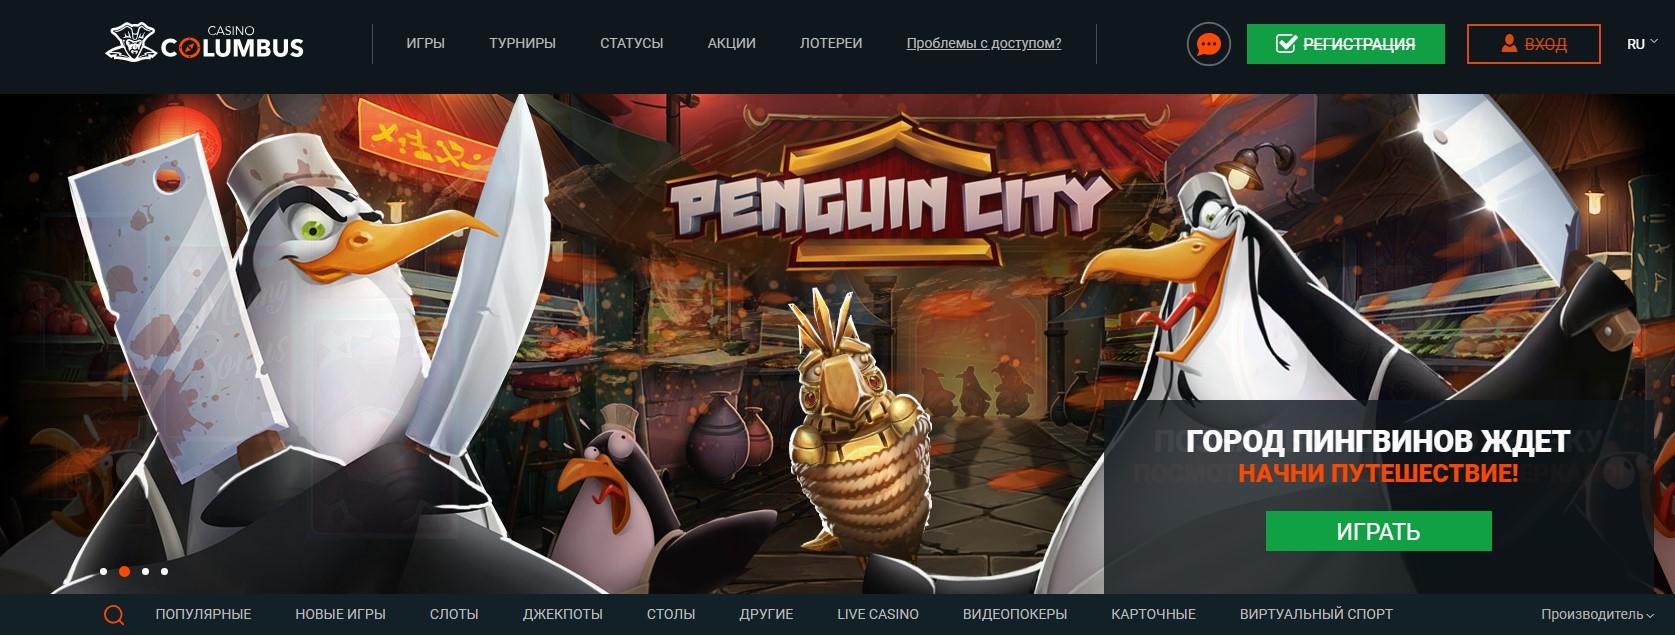 Columbus casino - Официальный сайт